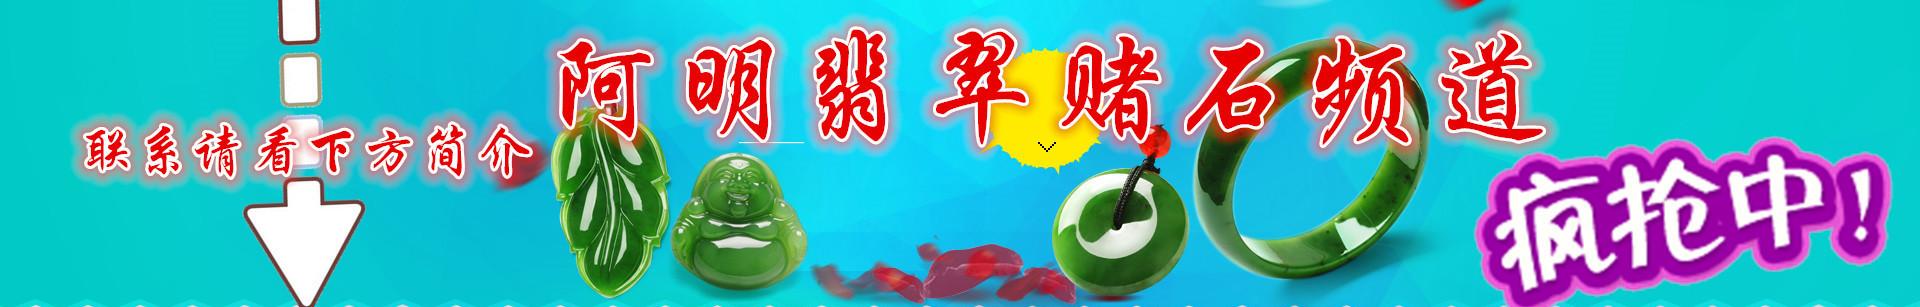 翡翠赌石频道 banner